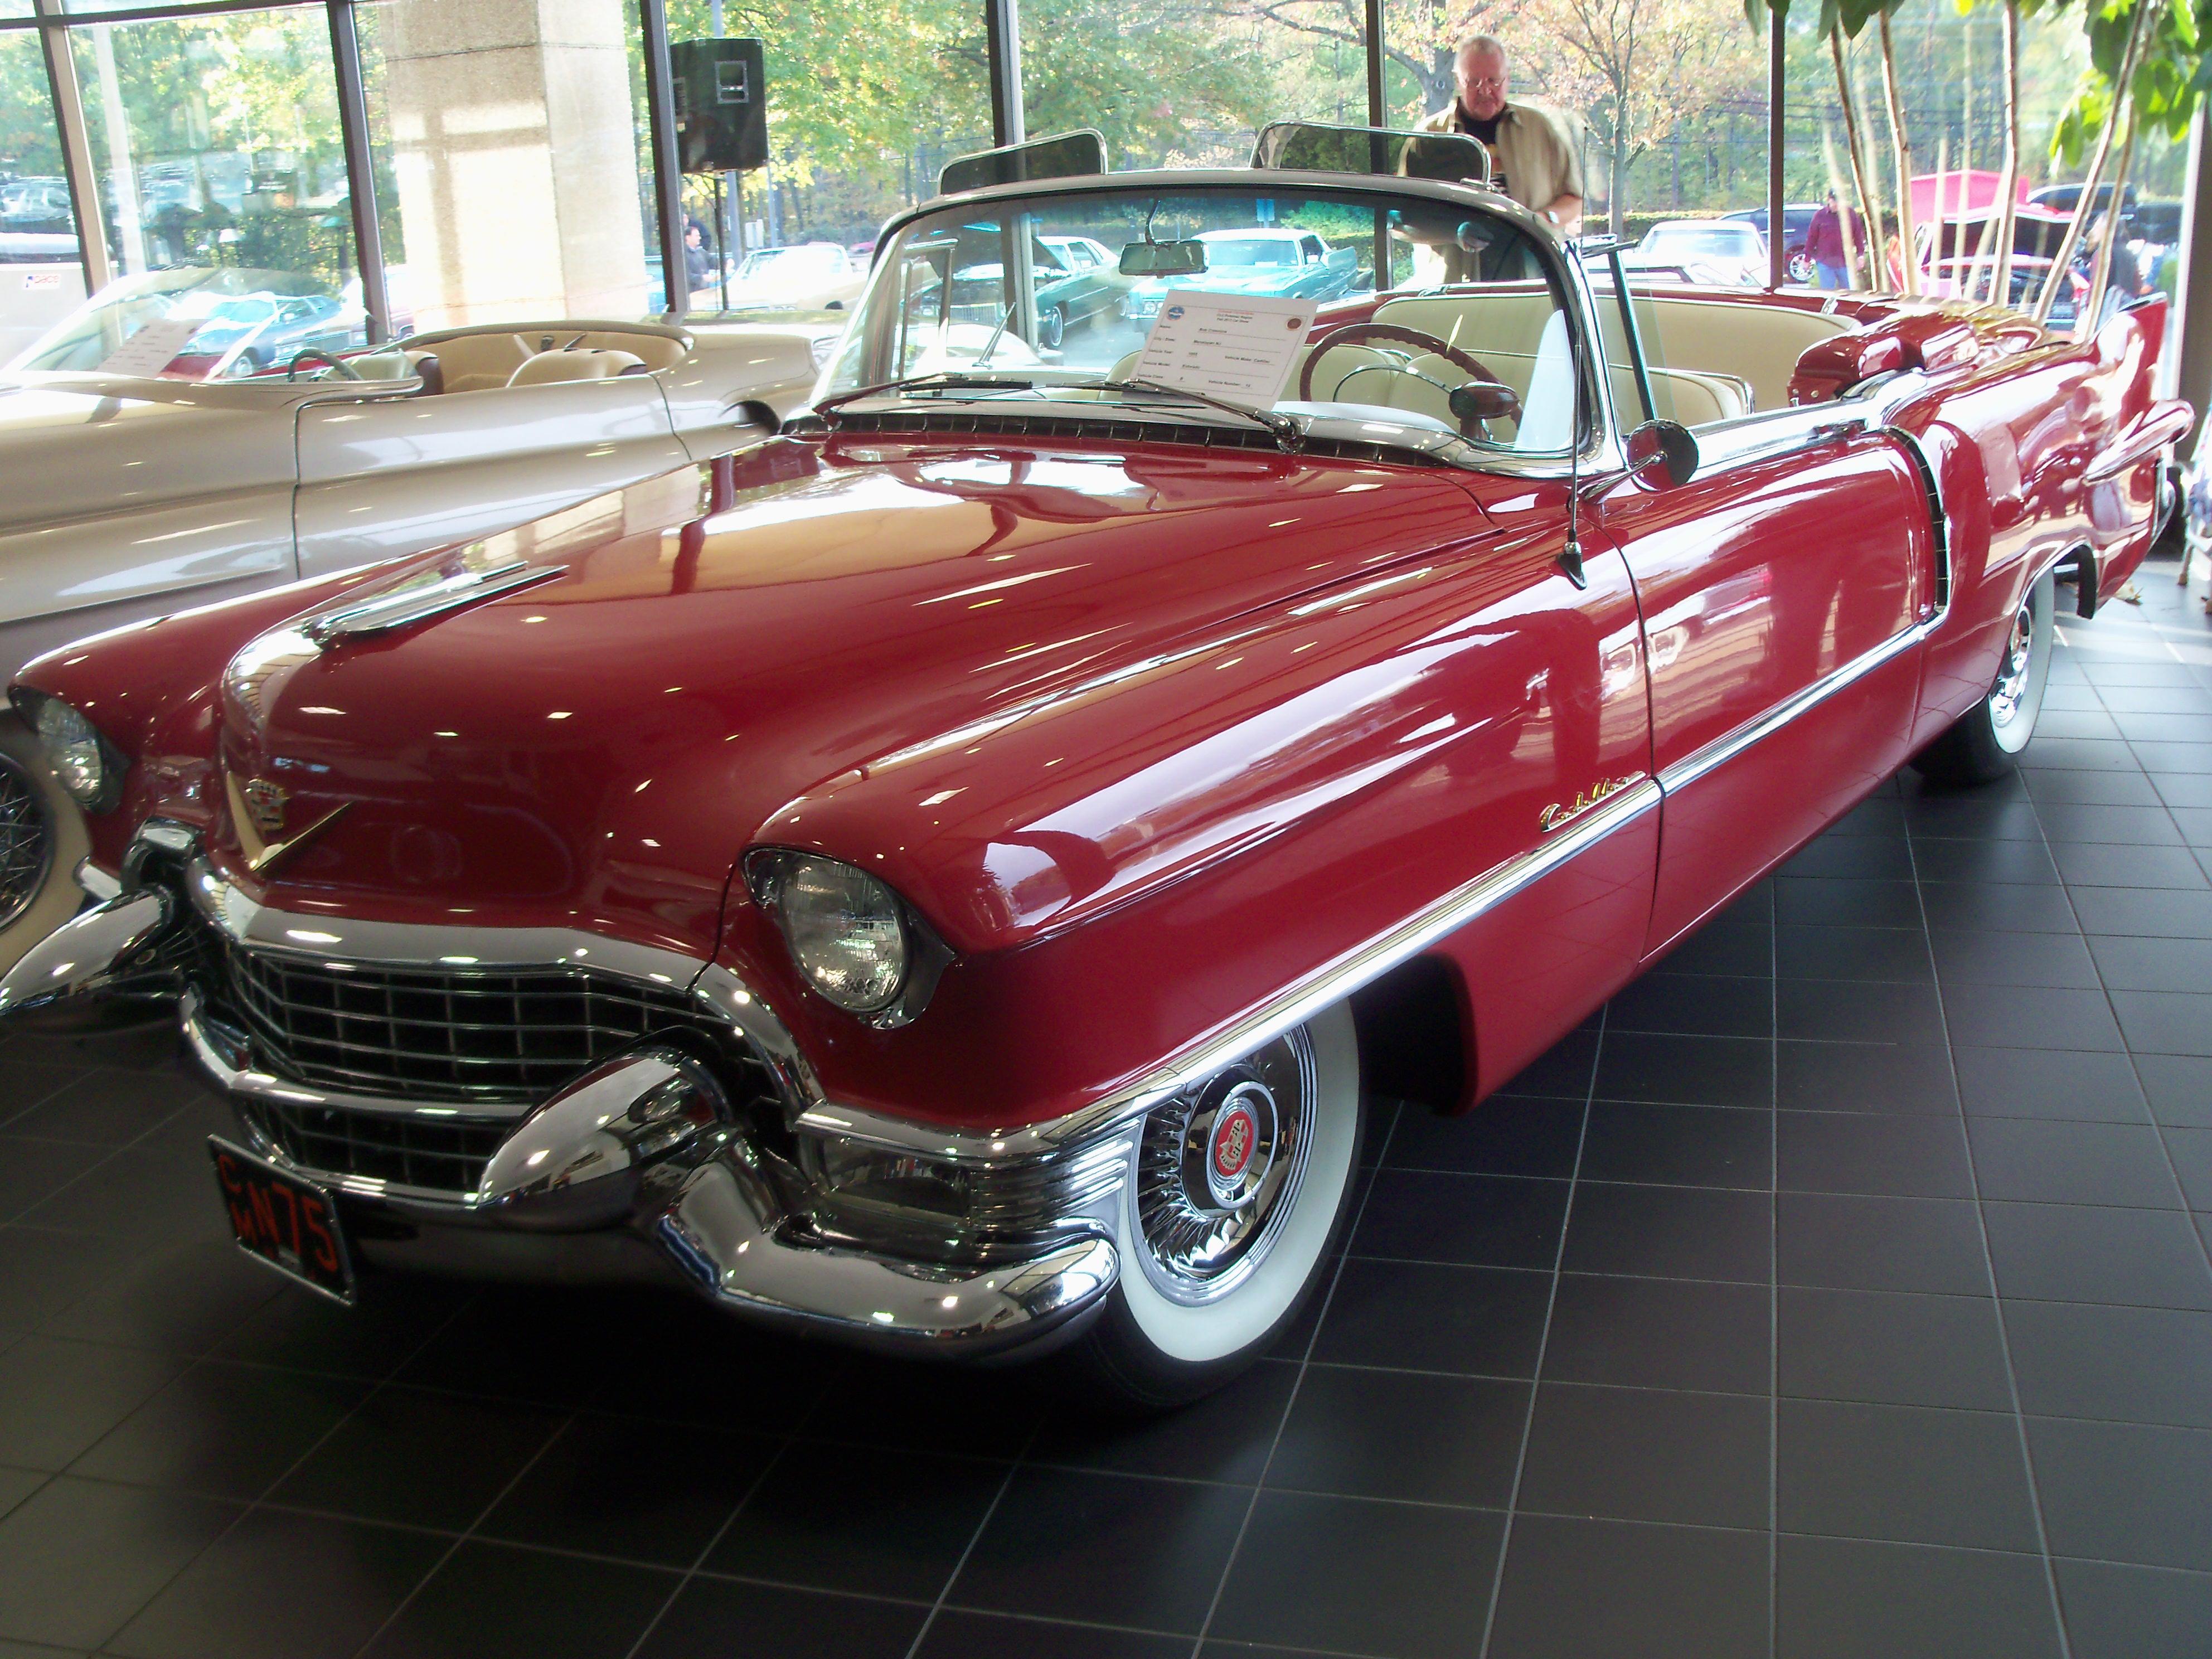 1955 Cadillac Eldorado - Raritan River Region - Cadillac ...